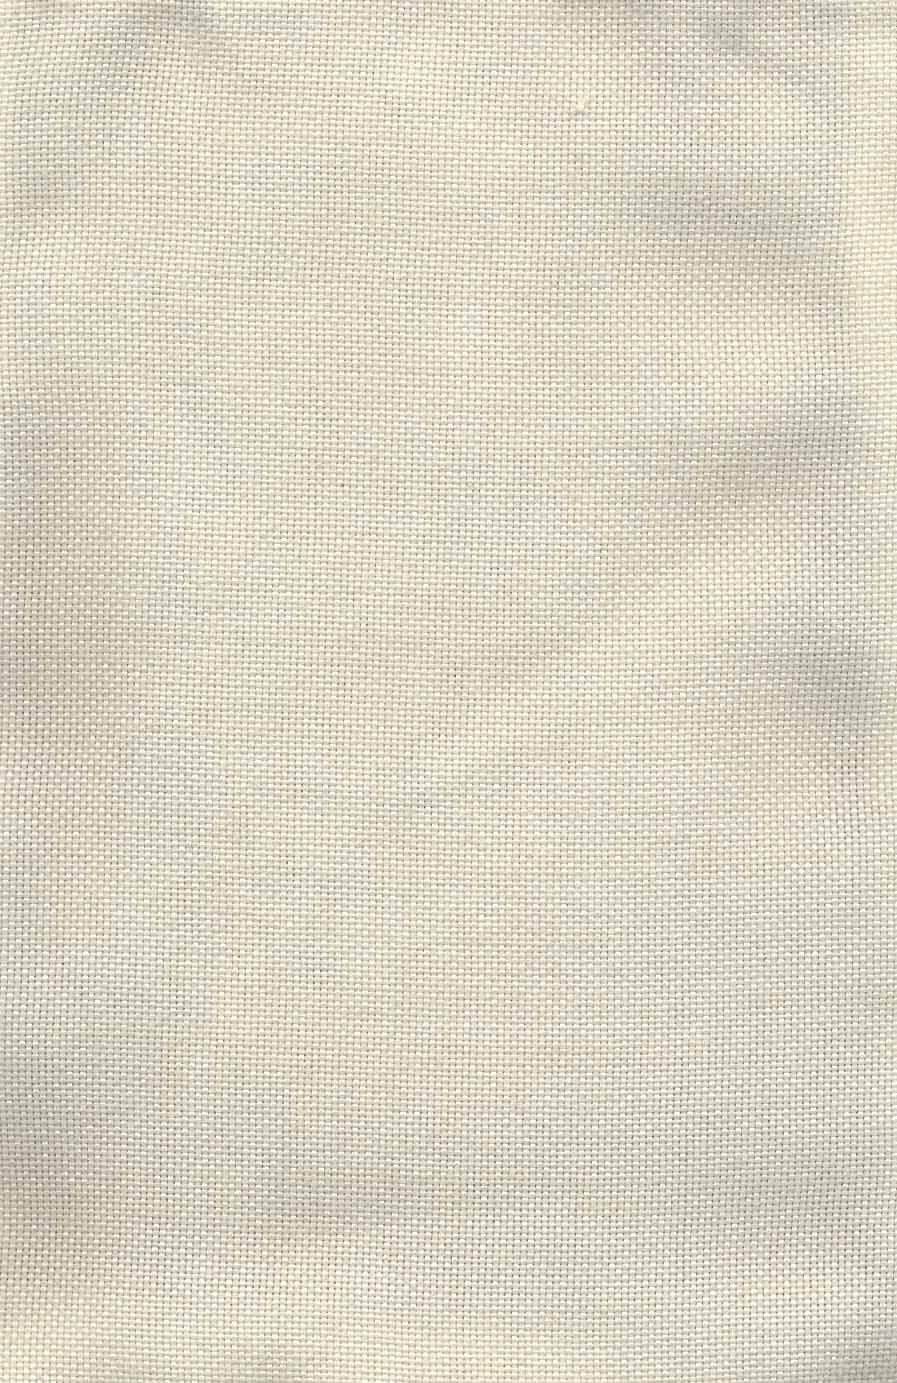 کیف پارچه ای 22*28 (طرح گربه،کد 750)